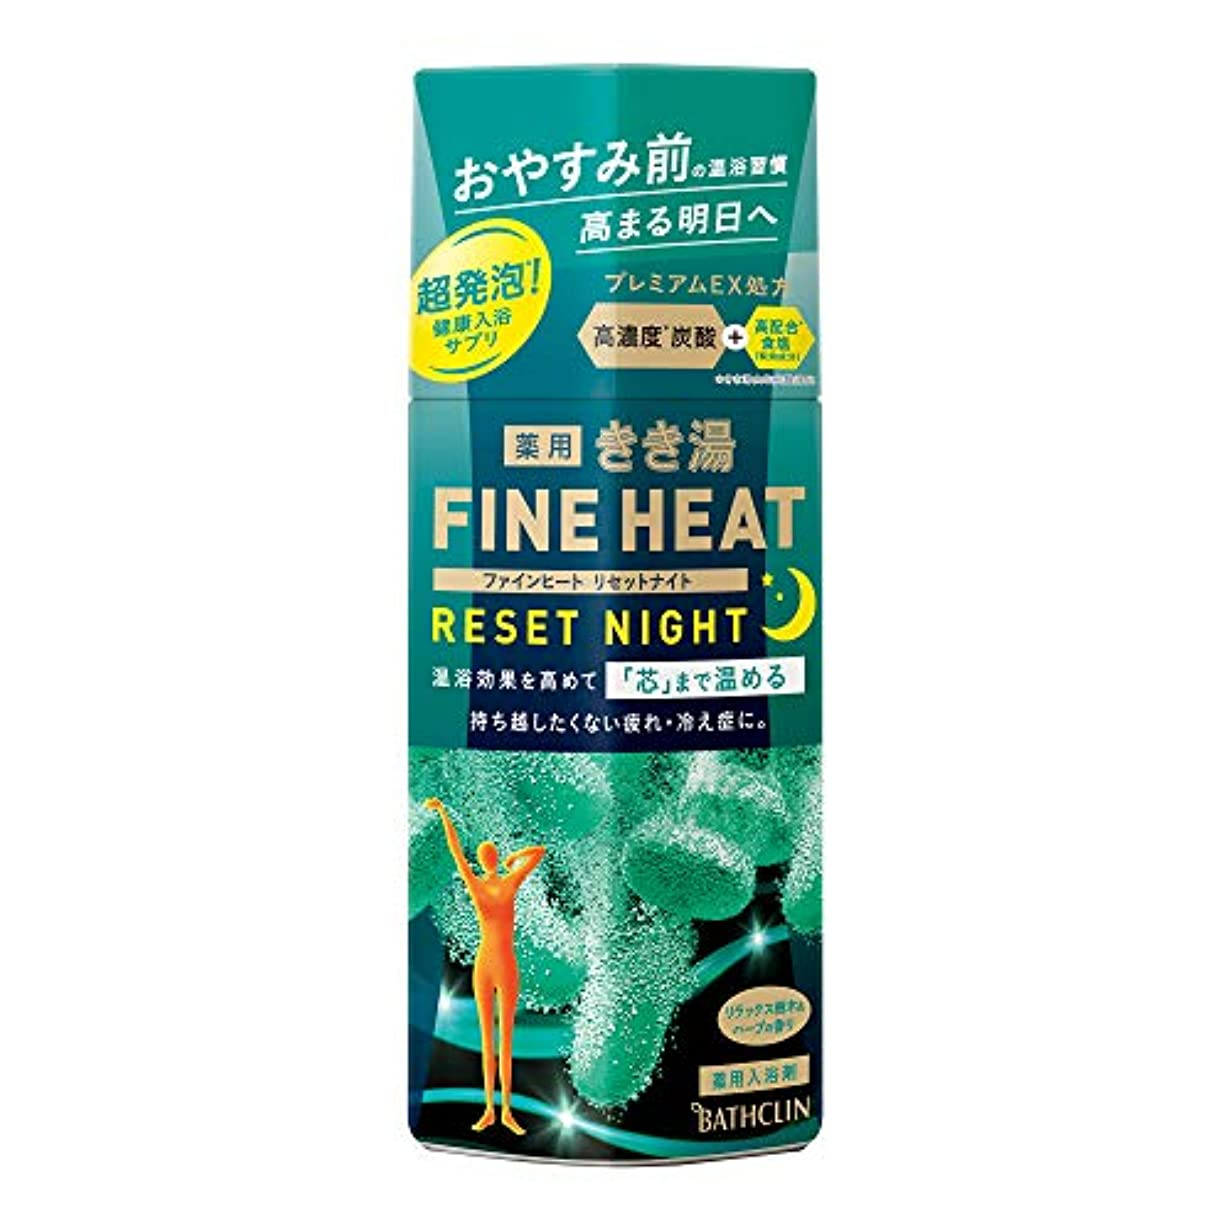 追加現像発音きき湯ファインヒート リセットナイト 入浴剤 リラックス樹木&ハーブの香りの炭酸入浴剤 400g